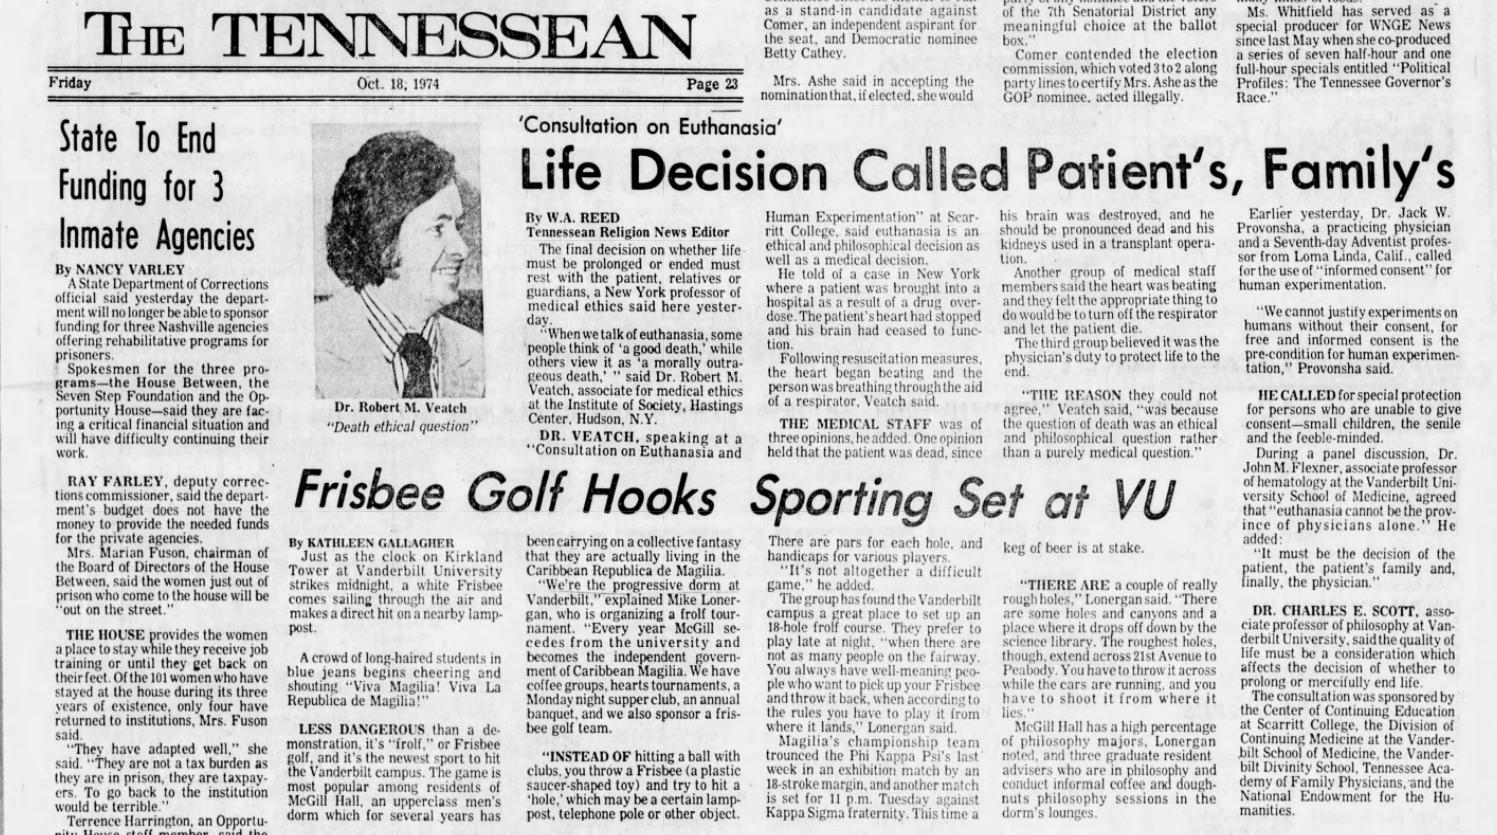 1974 - October 18a